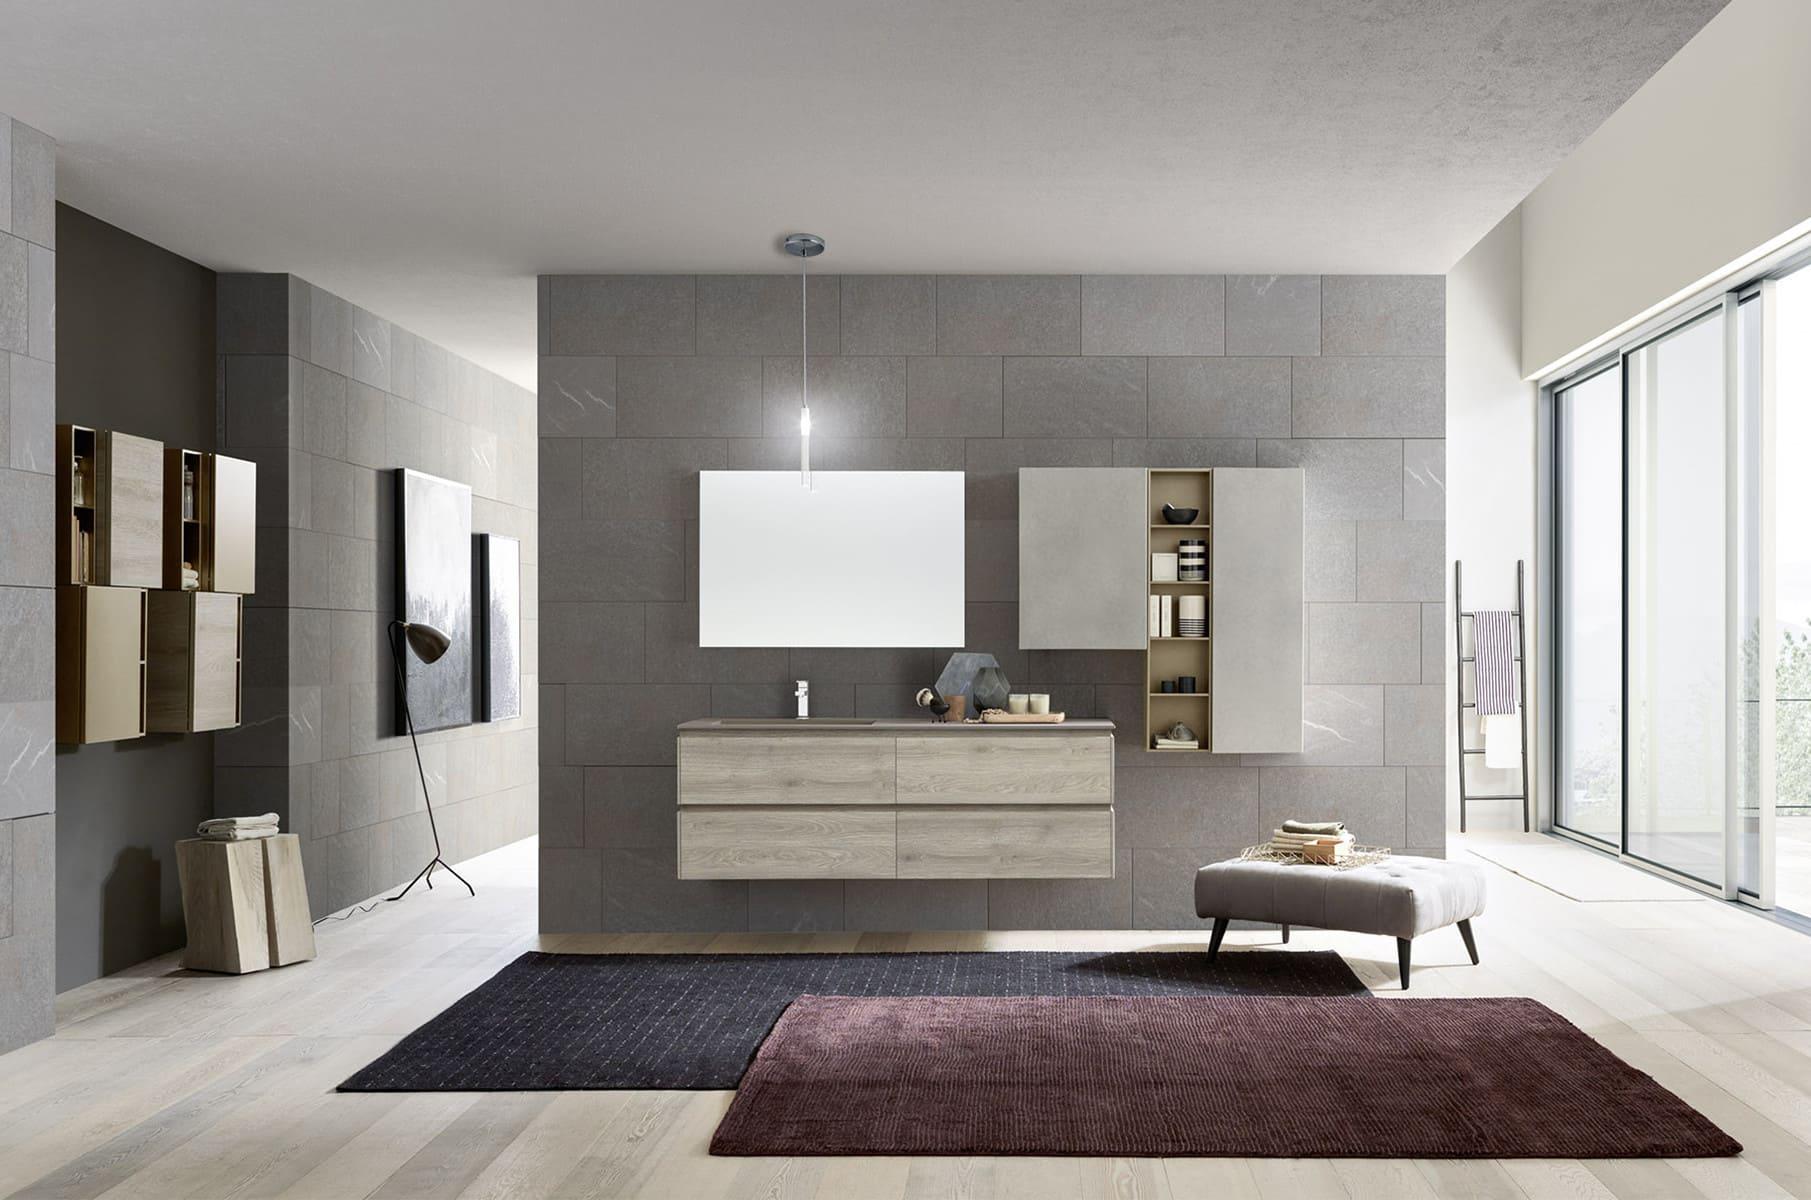 Armadietto Bagno Moderno bagno moderno grigio: come abbinare pavimenti e rivestimenti